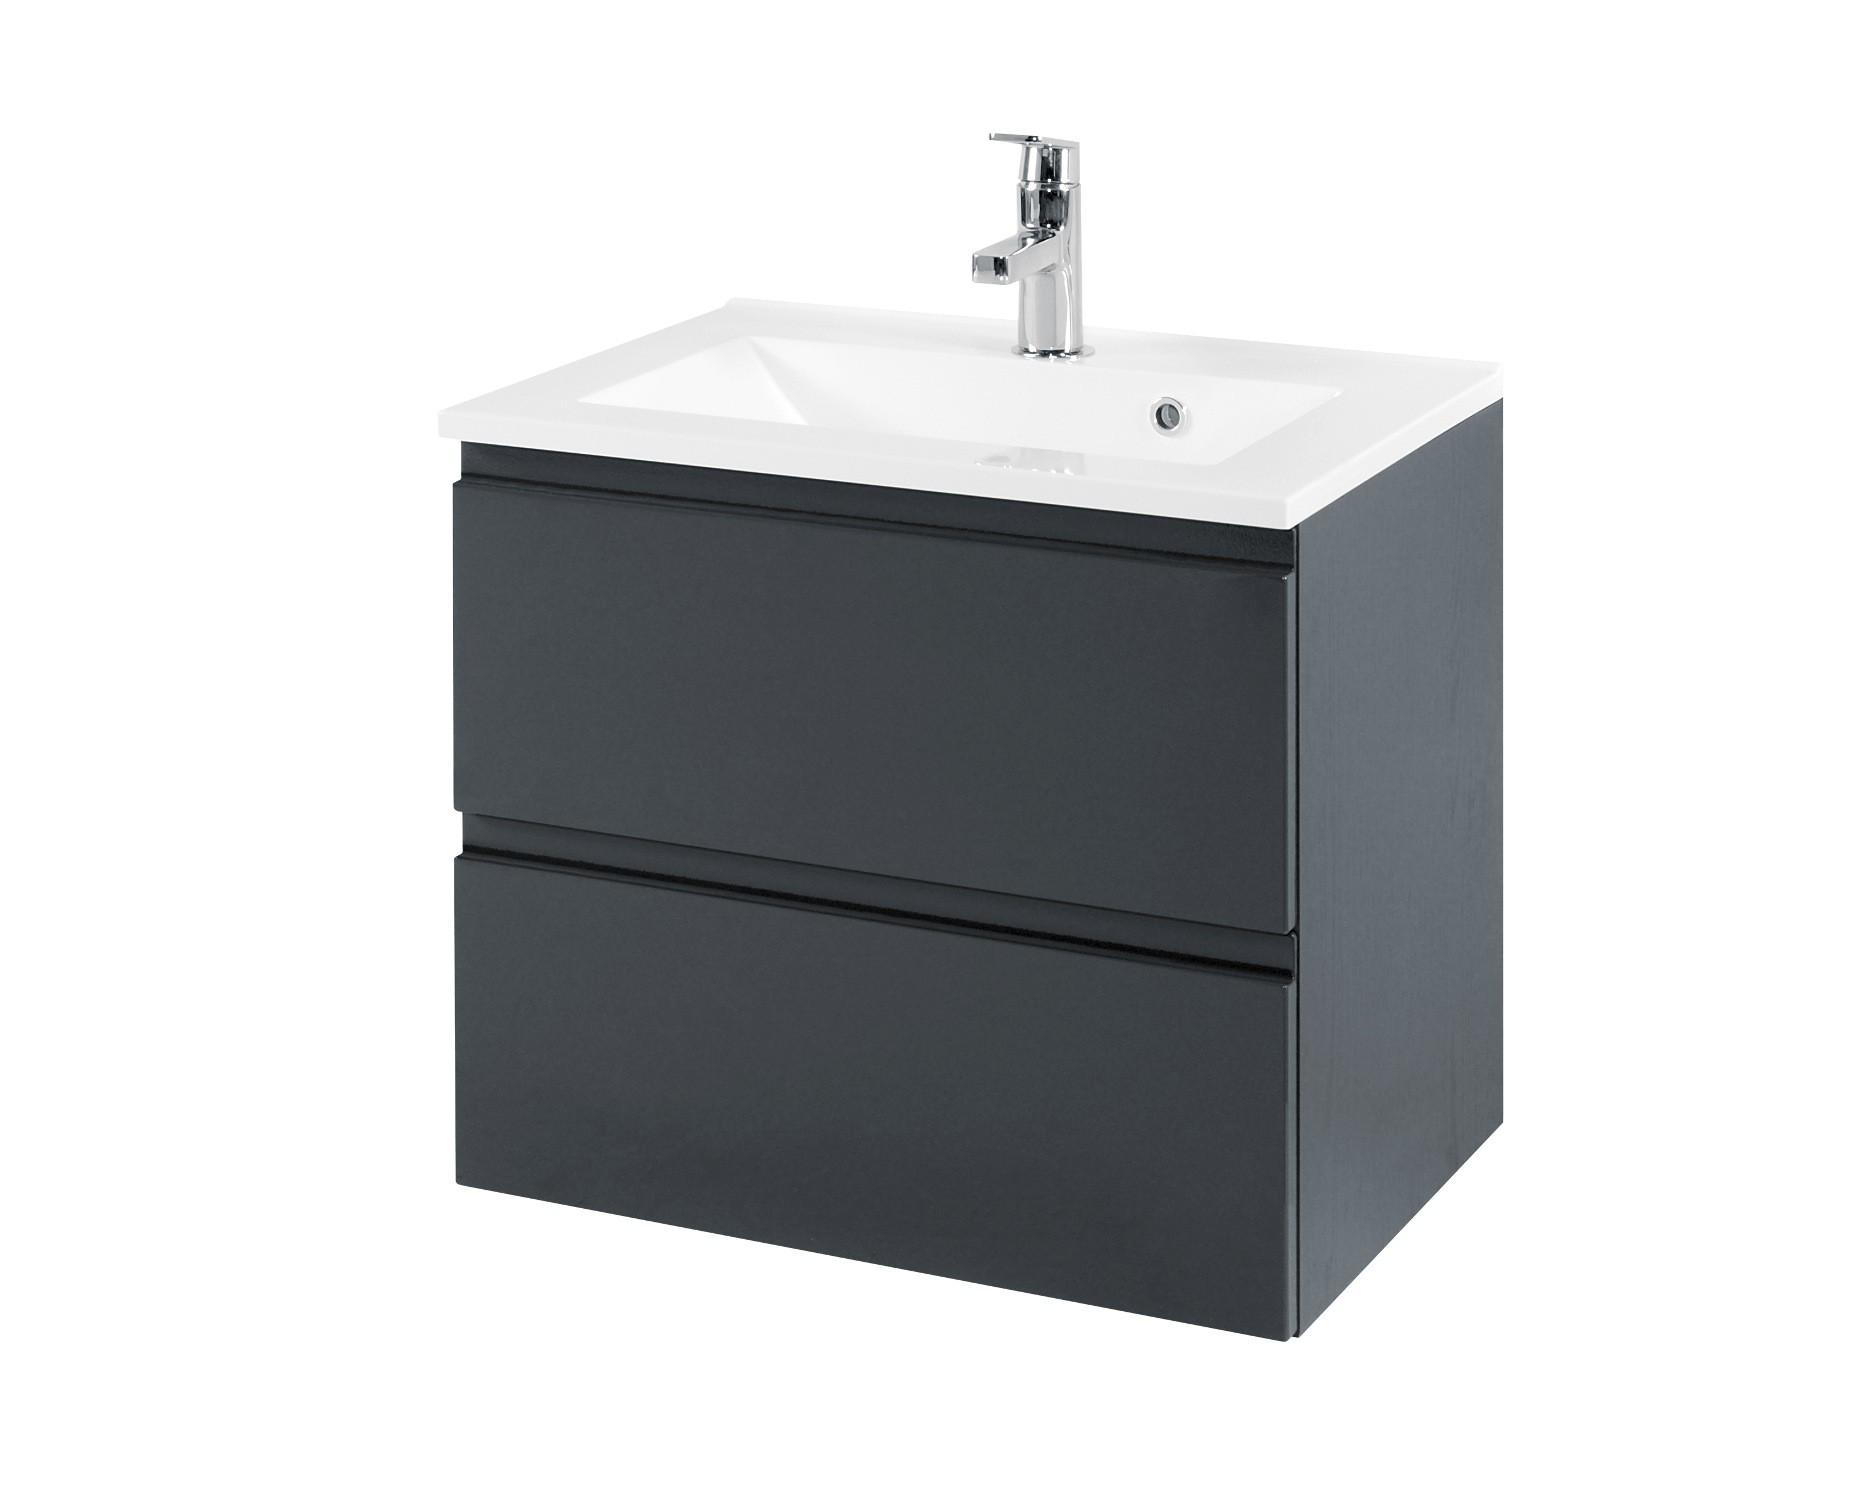 Top Bad-Waschtisch CARDIFF - 2 Auszüge - 60 cm breit - Hochglanz Grau BG61